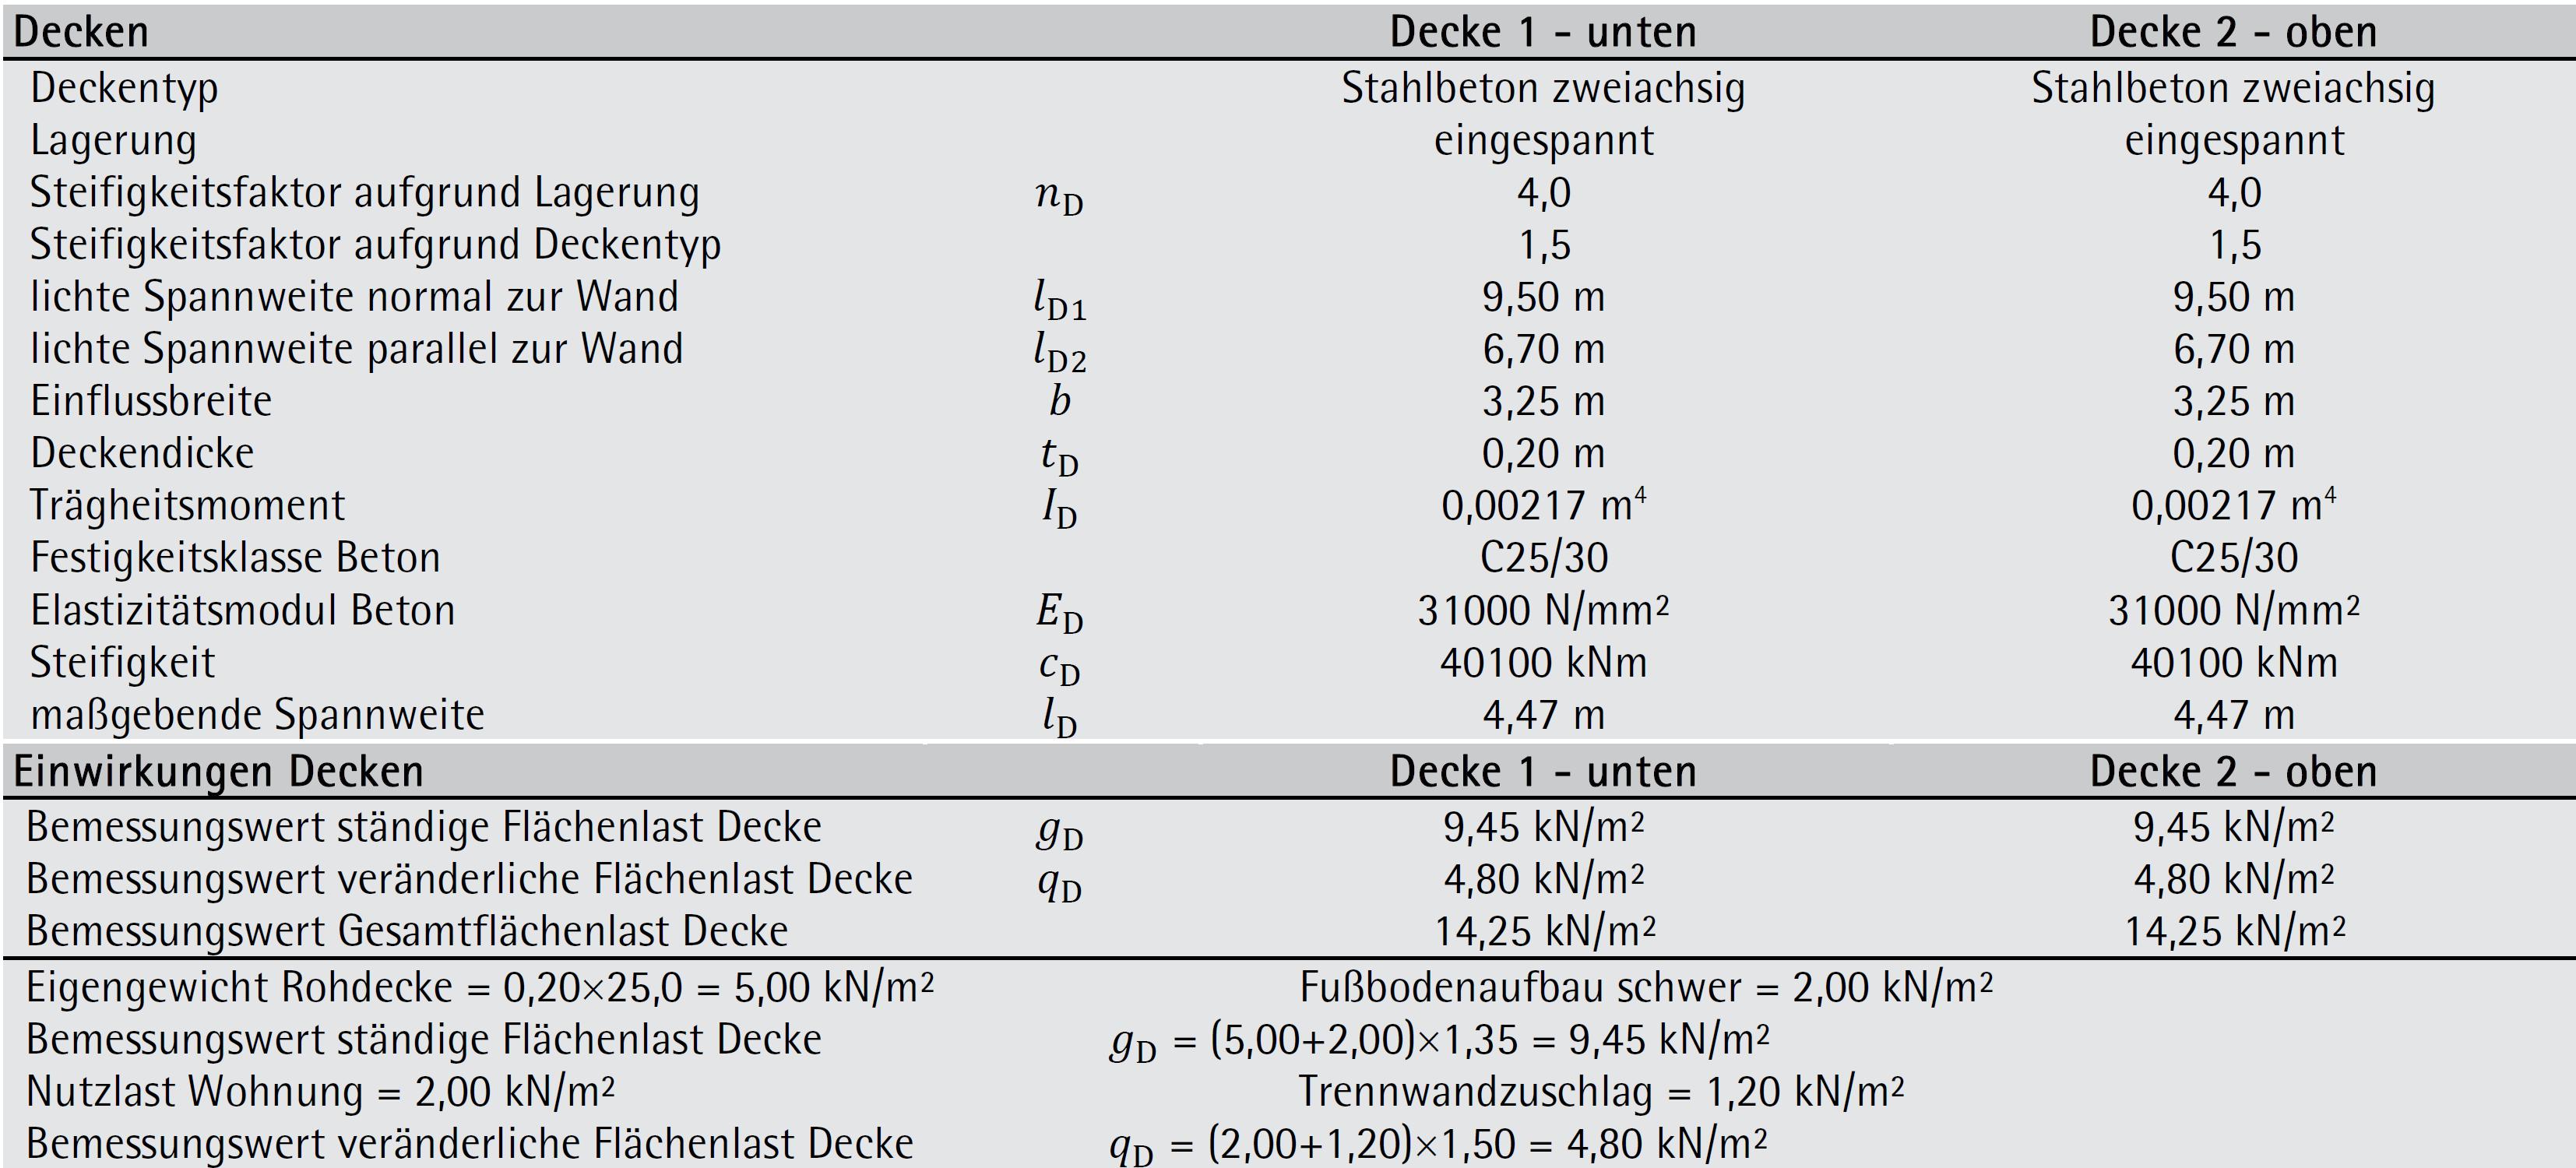 Beispiel 6-04: detaillierter vertikaler Bemessungsnachweis – ÖNORM EN 1996-1-1 (Teil 2/3)